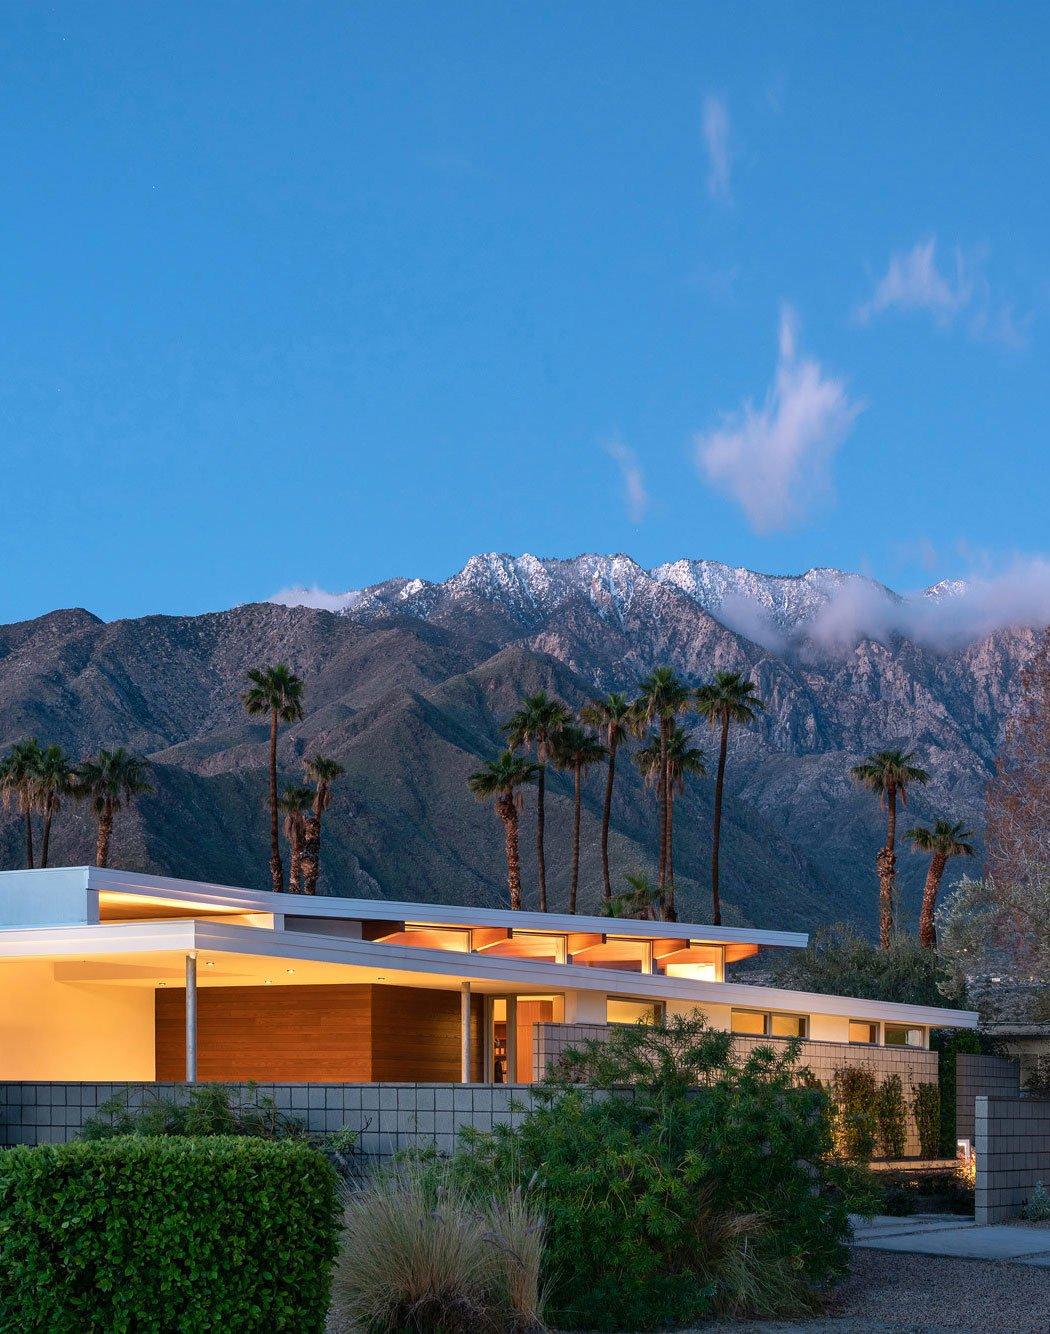 Feriendomizil in Palm Springs von Turkel Design